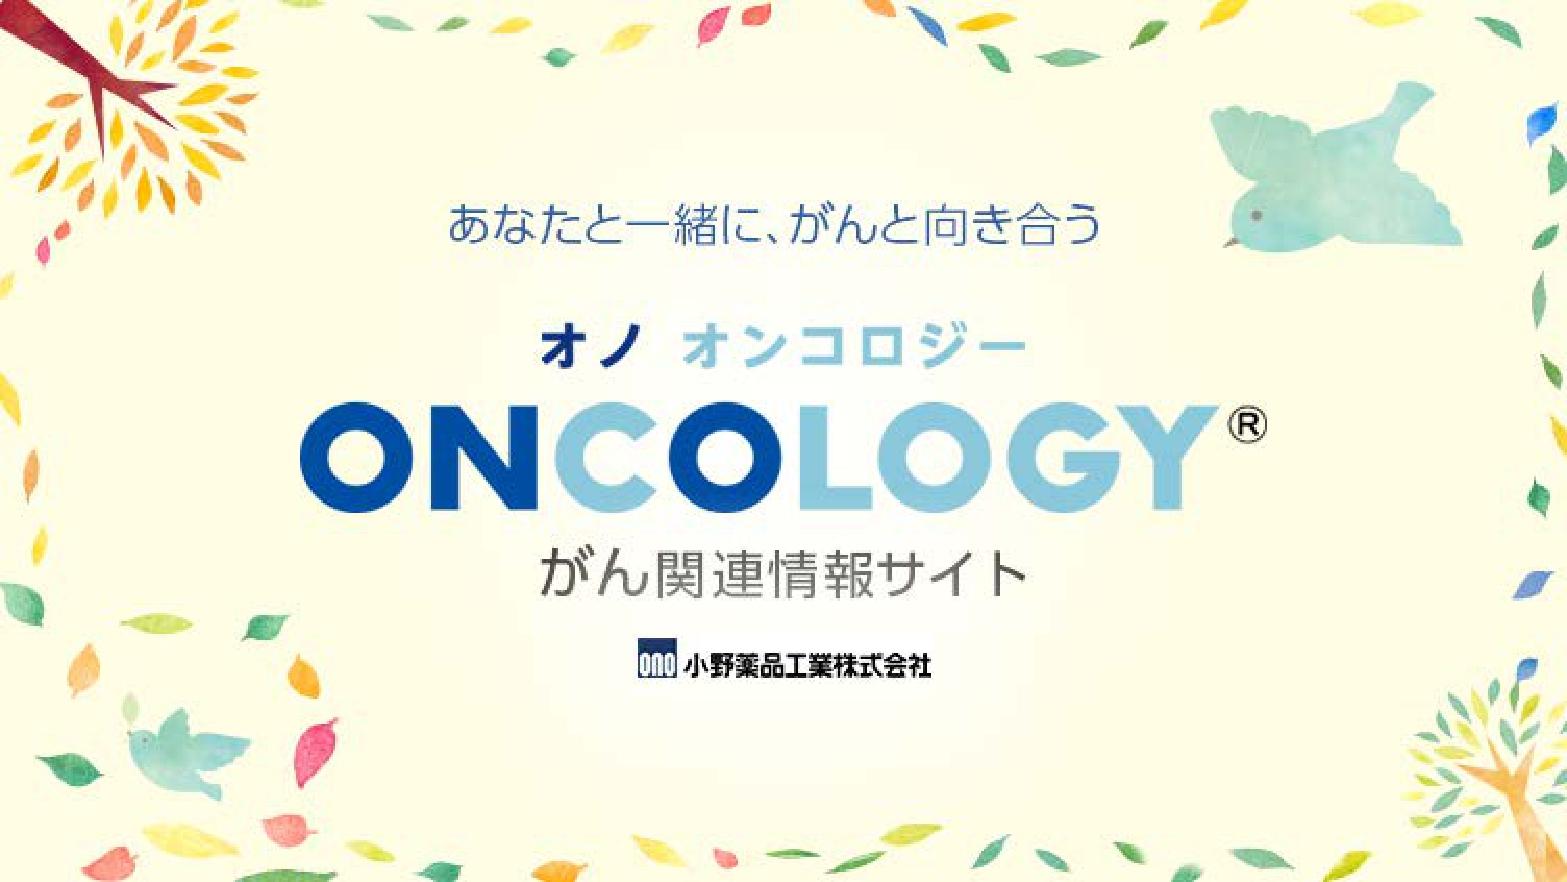 オノ オンコロジーのサイトでは、がん患者さんやご家族の方にお役立ていただける様々な情報を掲載しています。 【最近のトピック記事】がんサバイバーのライターによる就労支援の現状ルポ